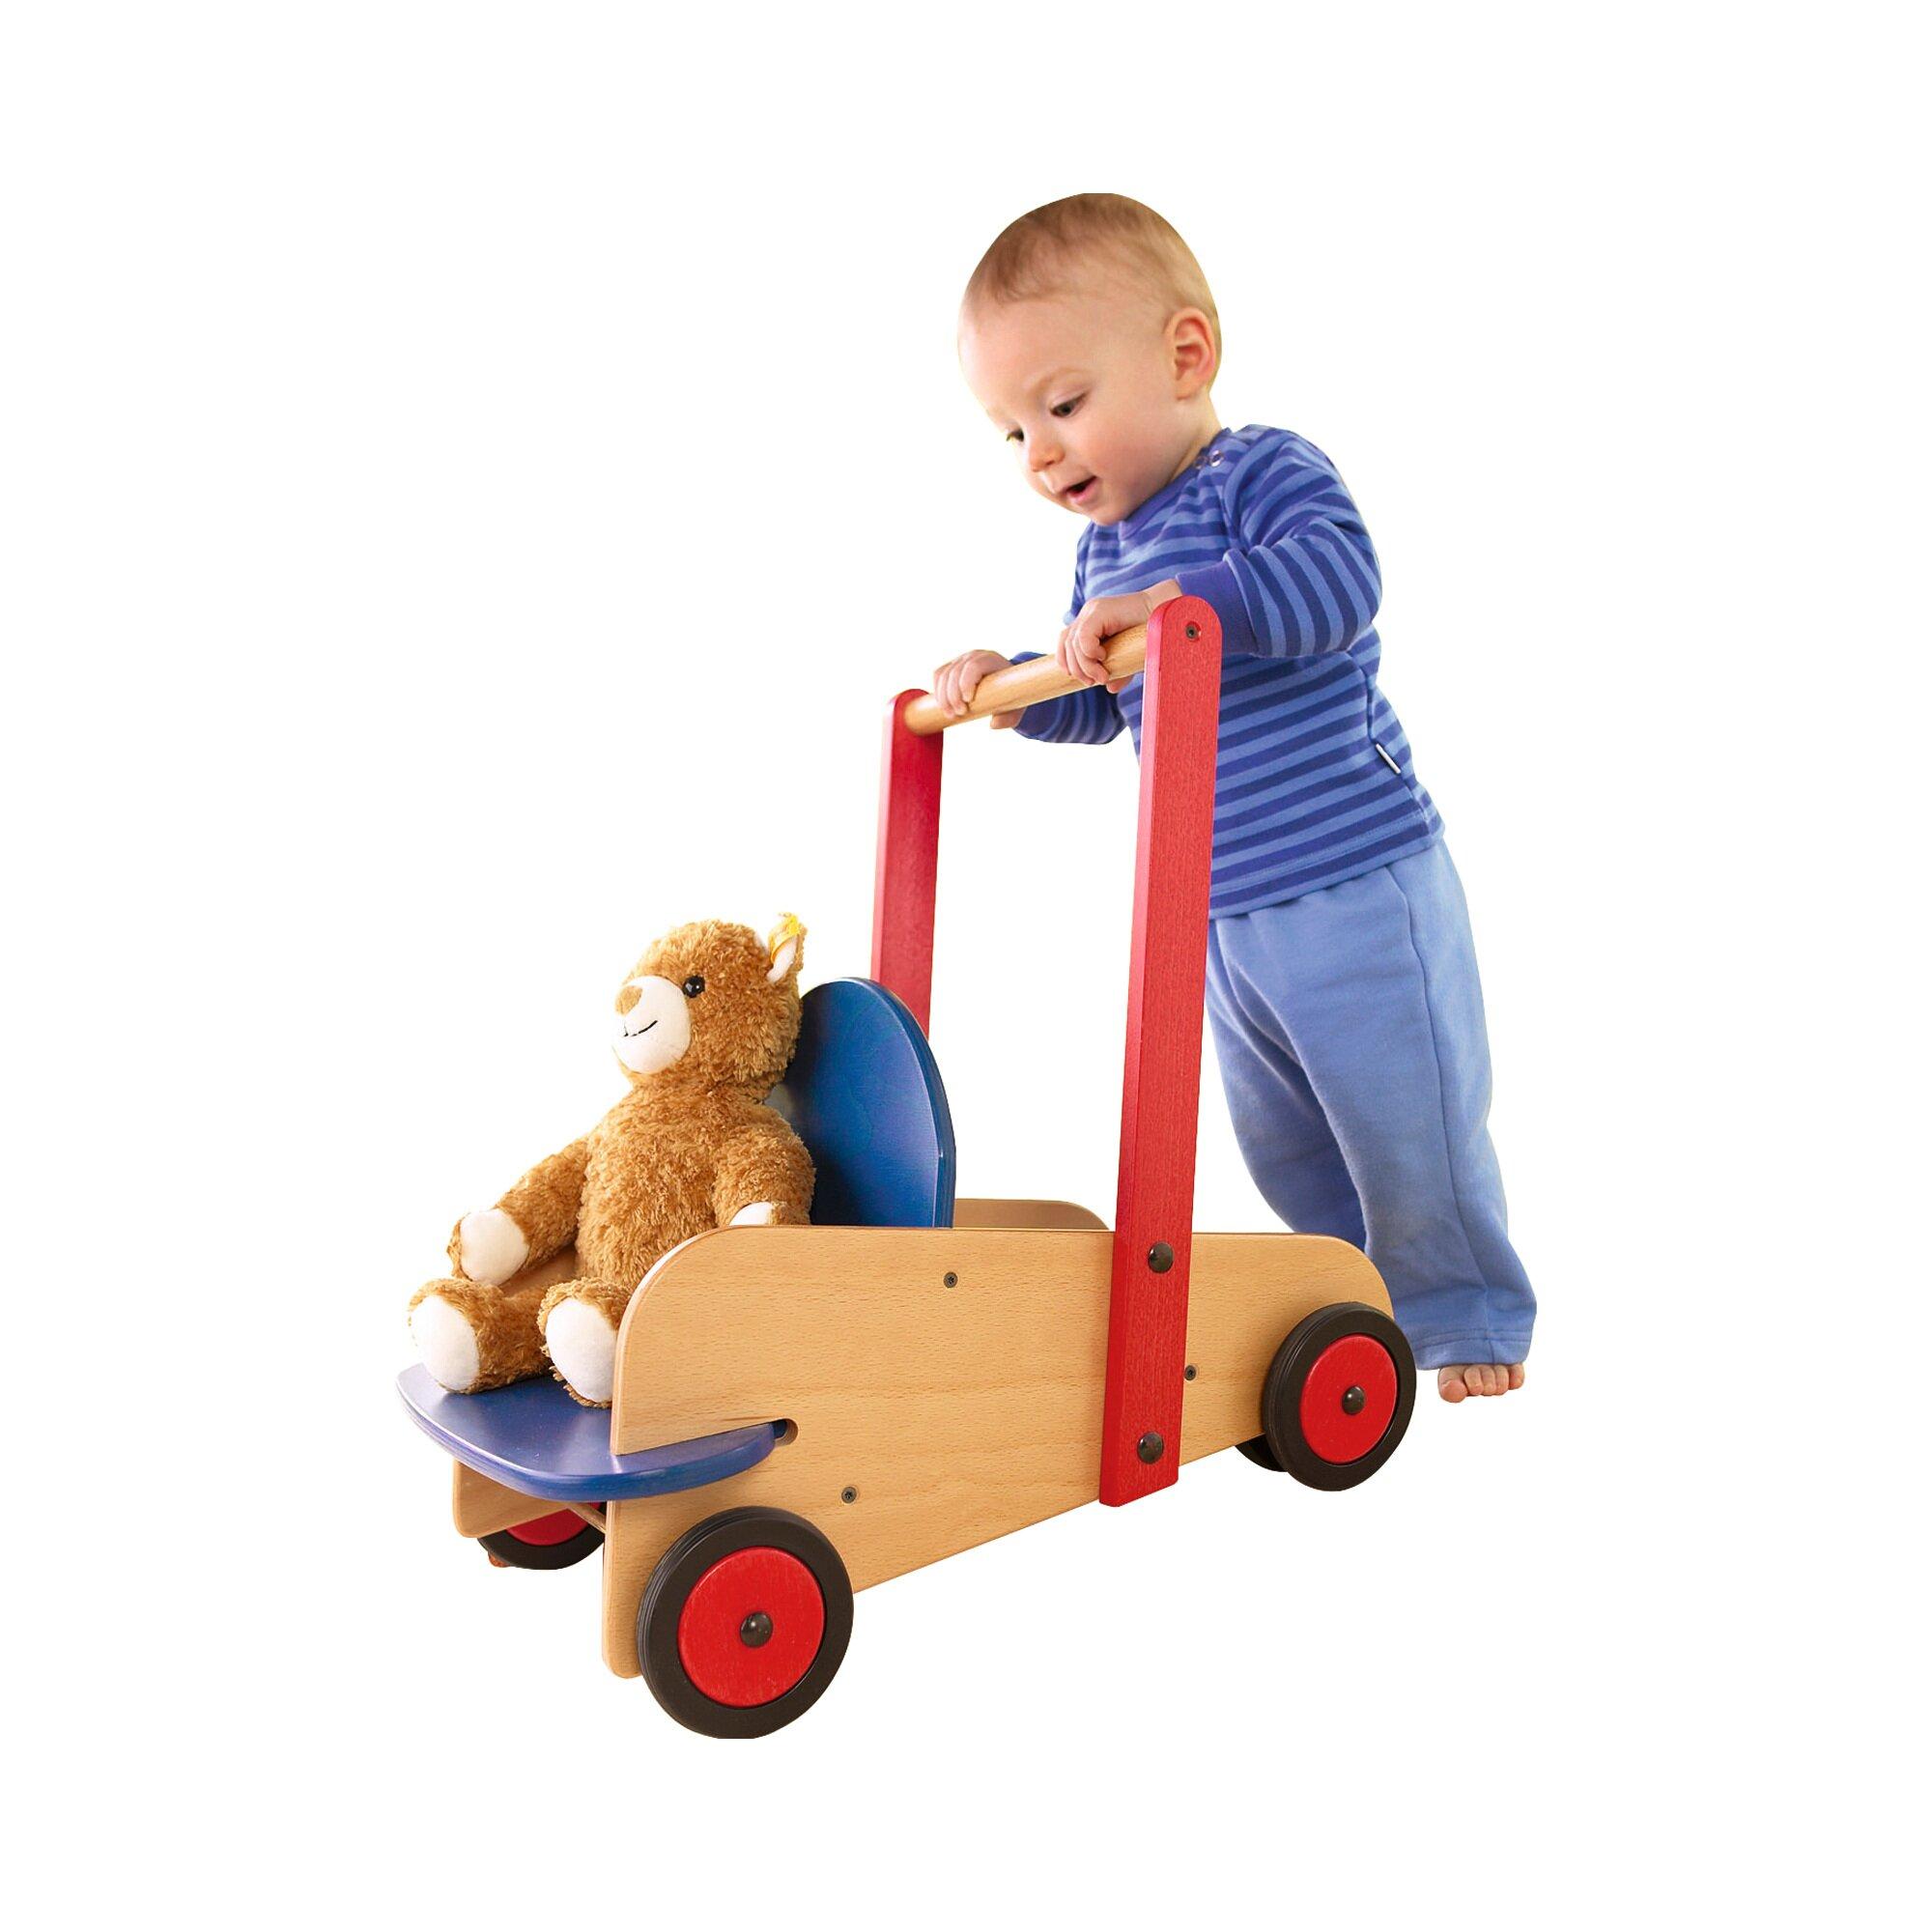 Haba Lauflernwagen aus Holz